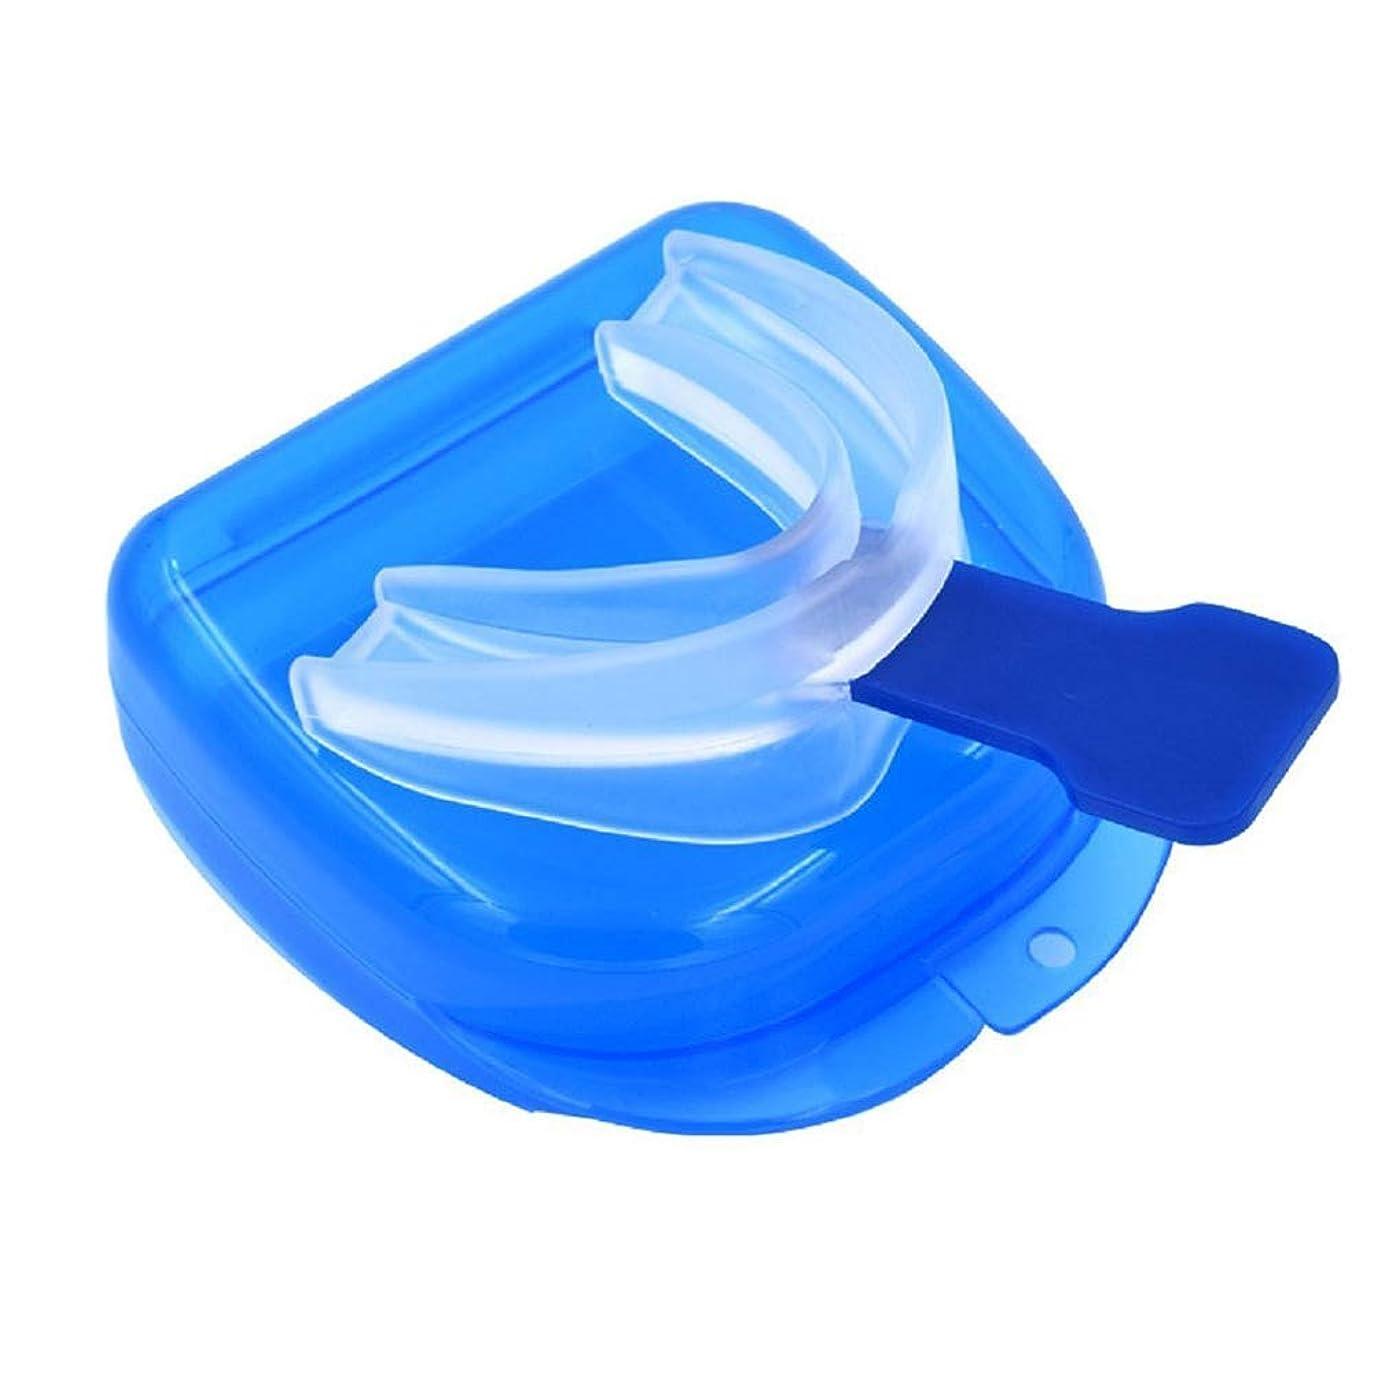 ハイジャック熱意幸運なHealifty 2個入り 歯を磨くため マウスガード マウスピース ナイトガード デンタルガードケース